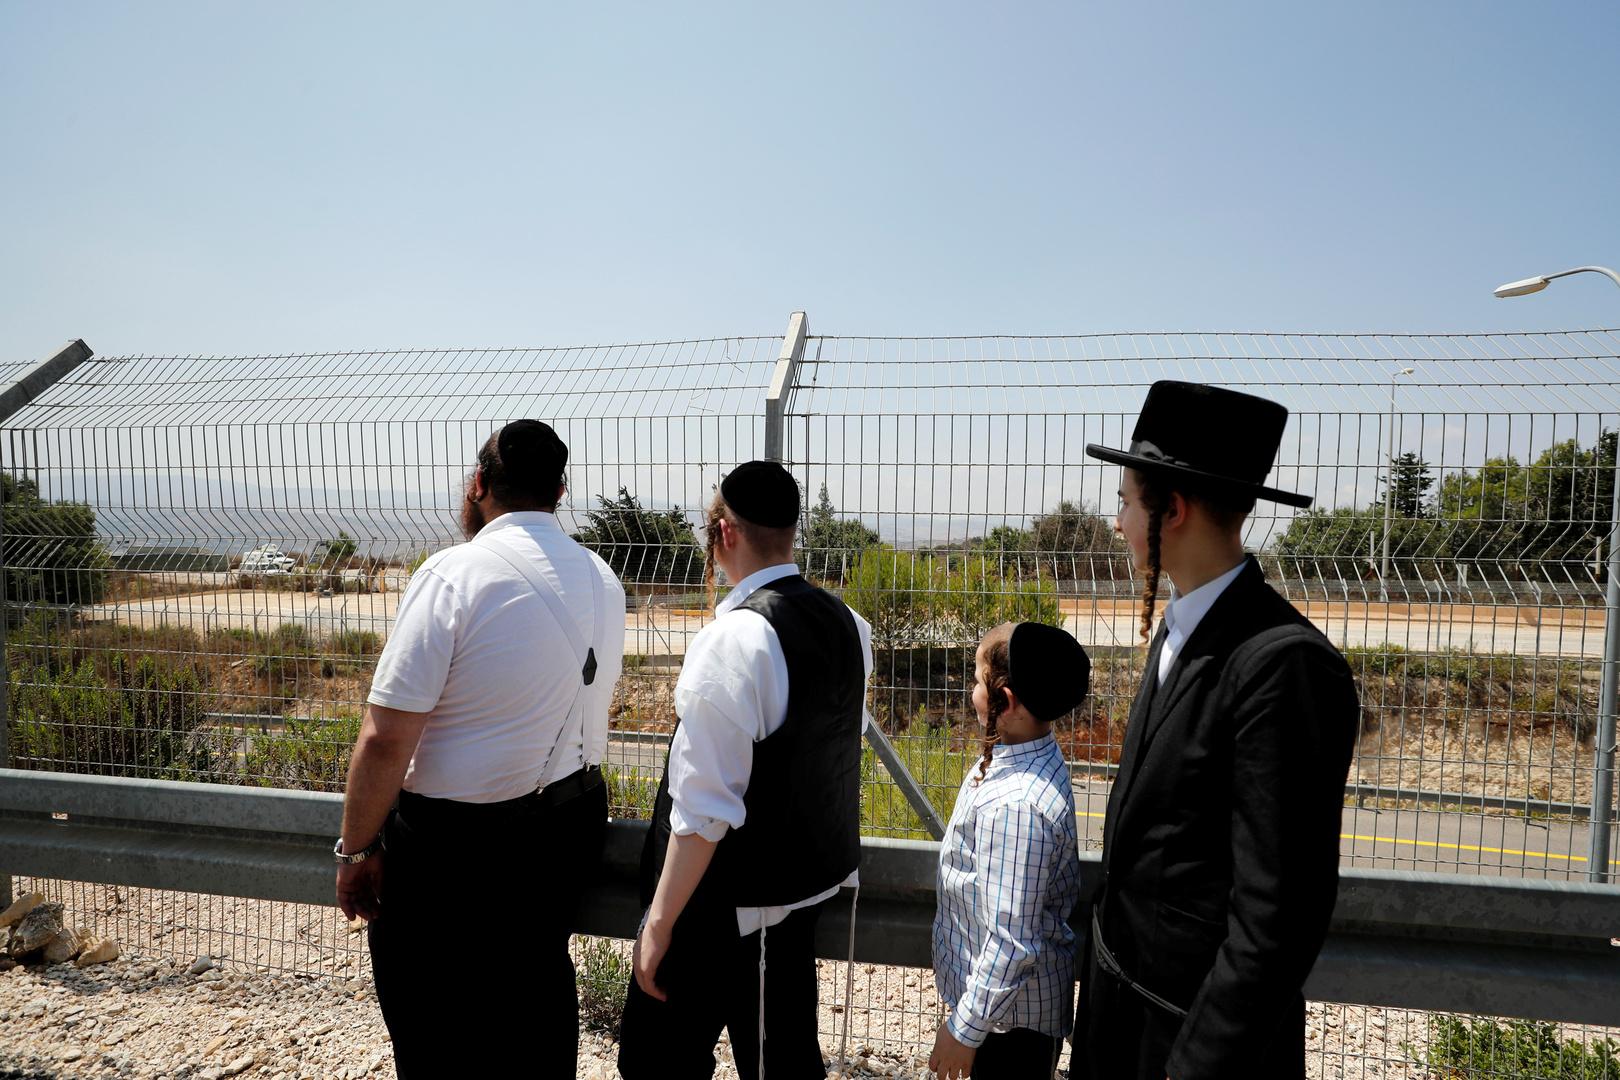 انطلاق مفاوضات ترسيم الحدود البحرية بين لبنان وإسرائيل